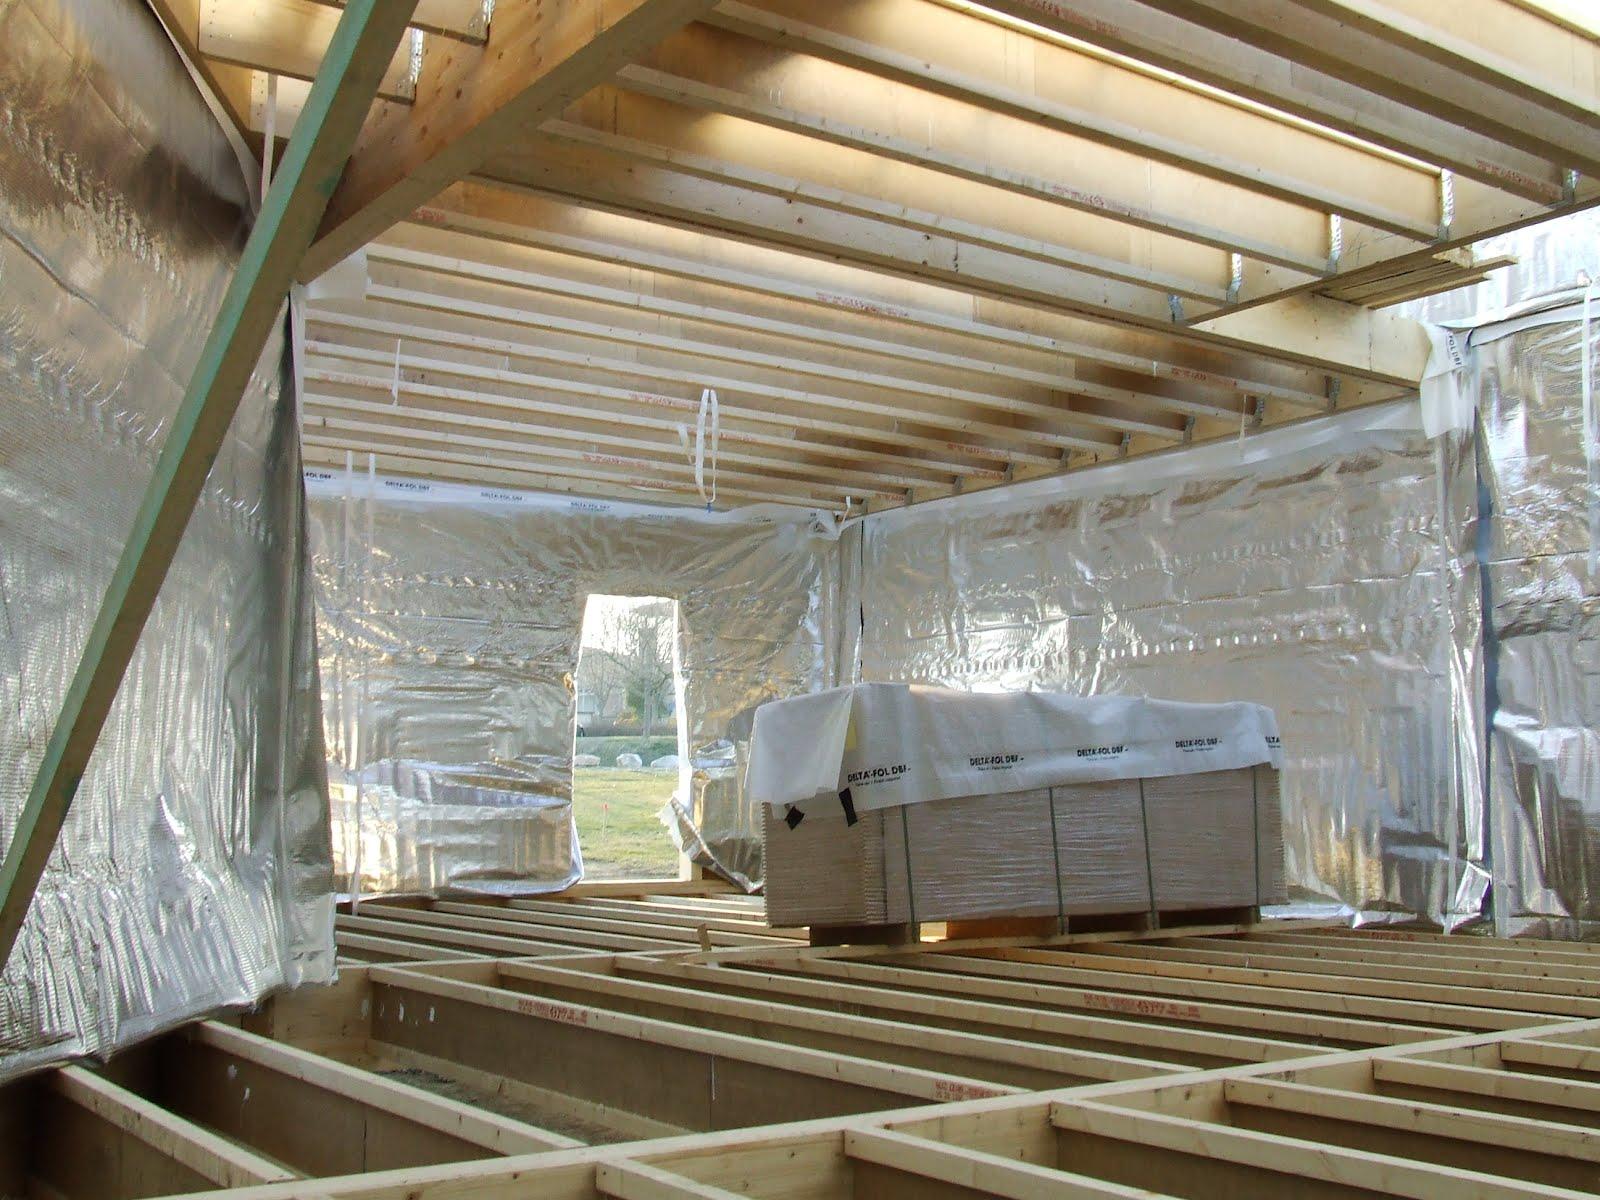 Notre maison en bois montage des murs j 3 for Montage maison en bois